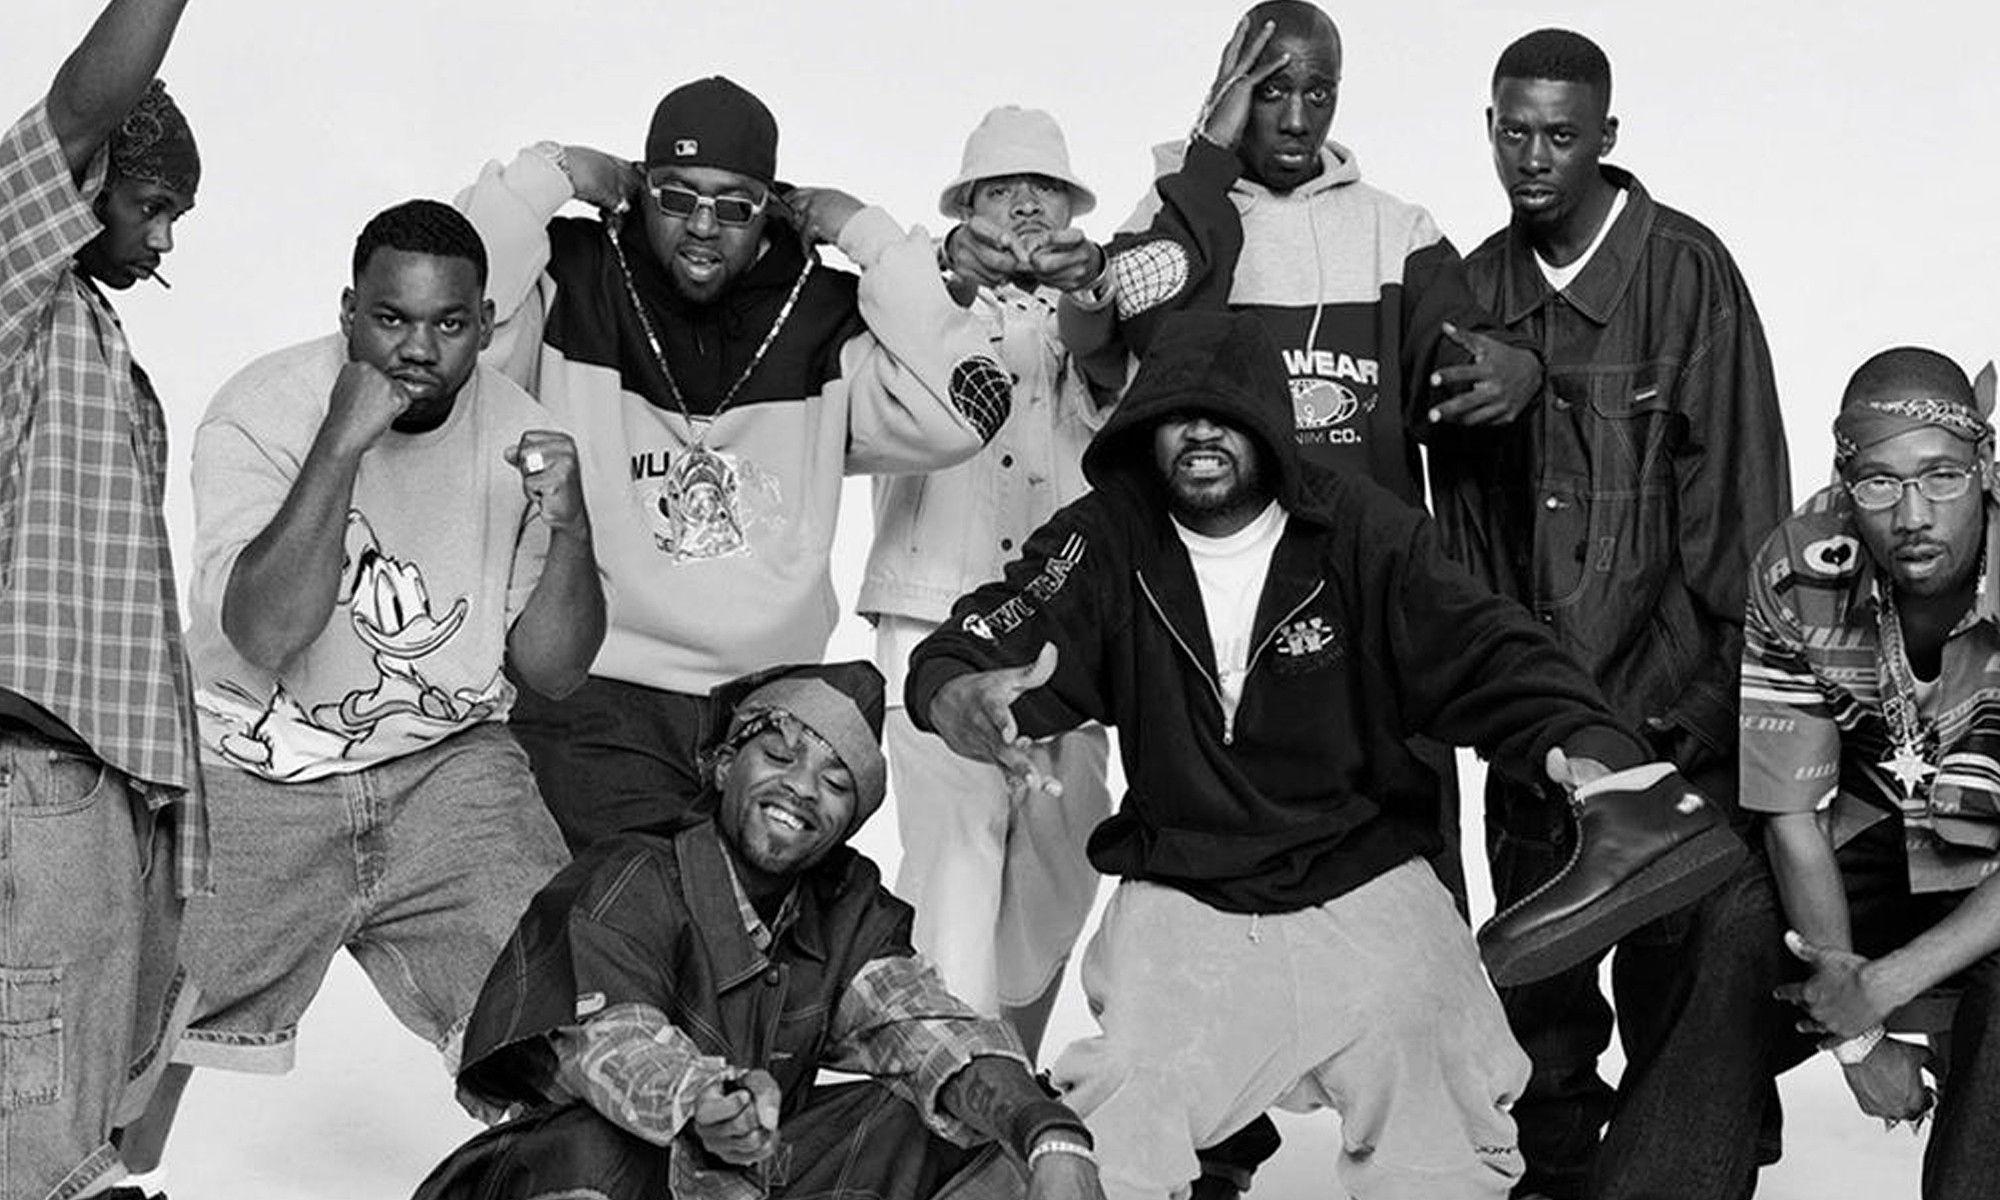 Музыкальная группа Wu-Tang Clan, 1990-е годы. История худи в статье по ссылке